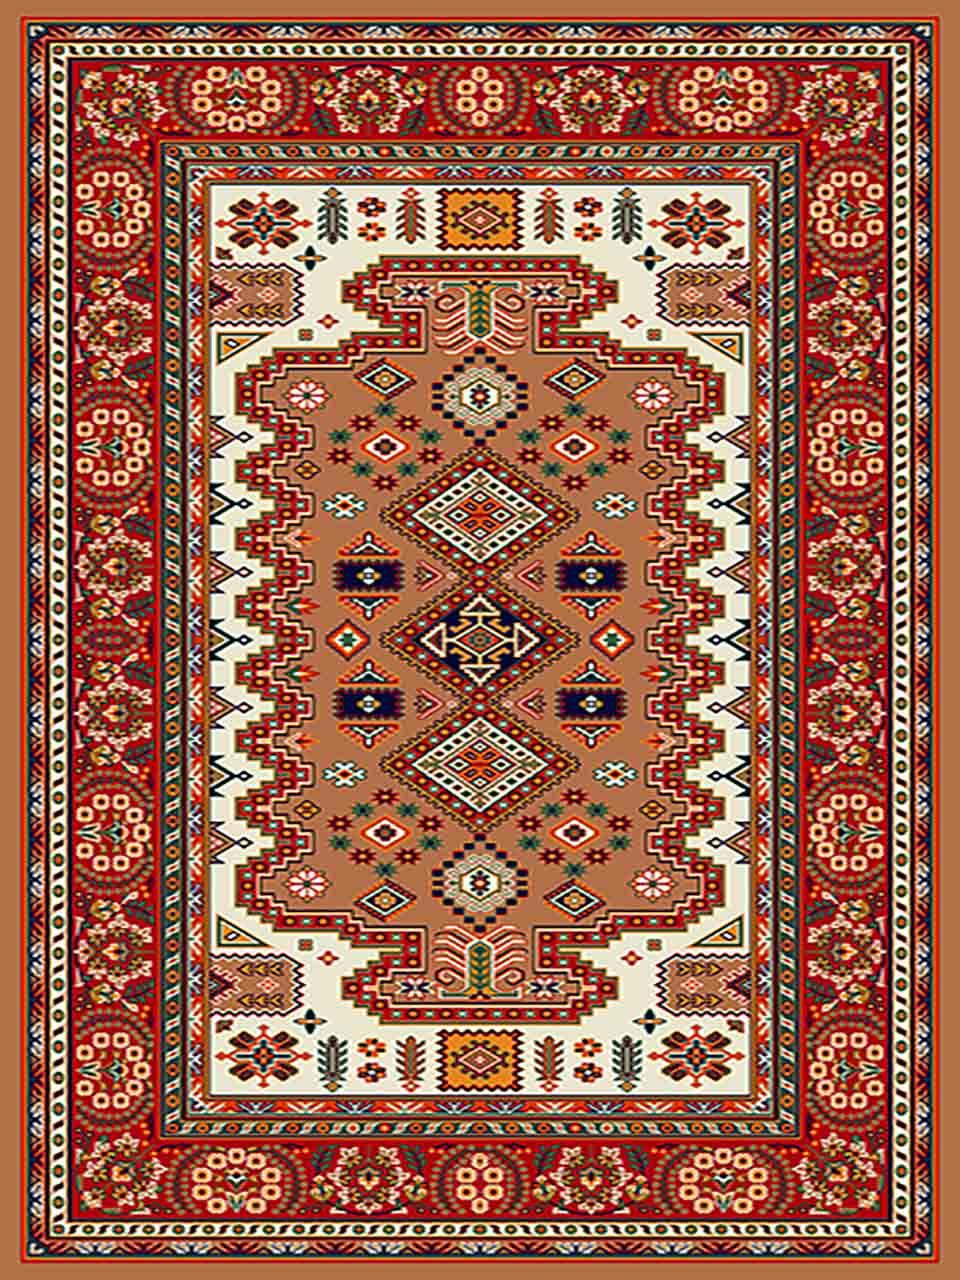 فرش (255) پلی پروپیلن - 8 رنگ - 320 شانه - بژ - تراکم 960